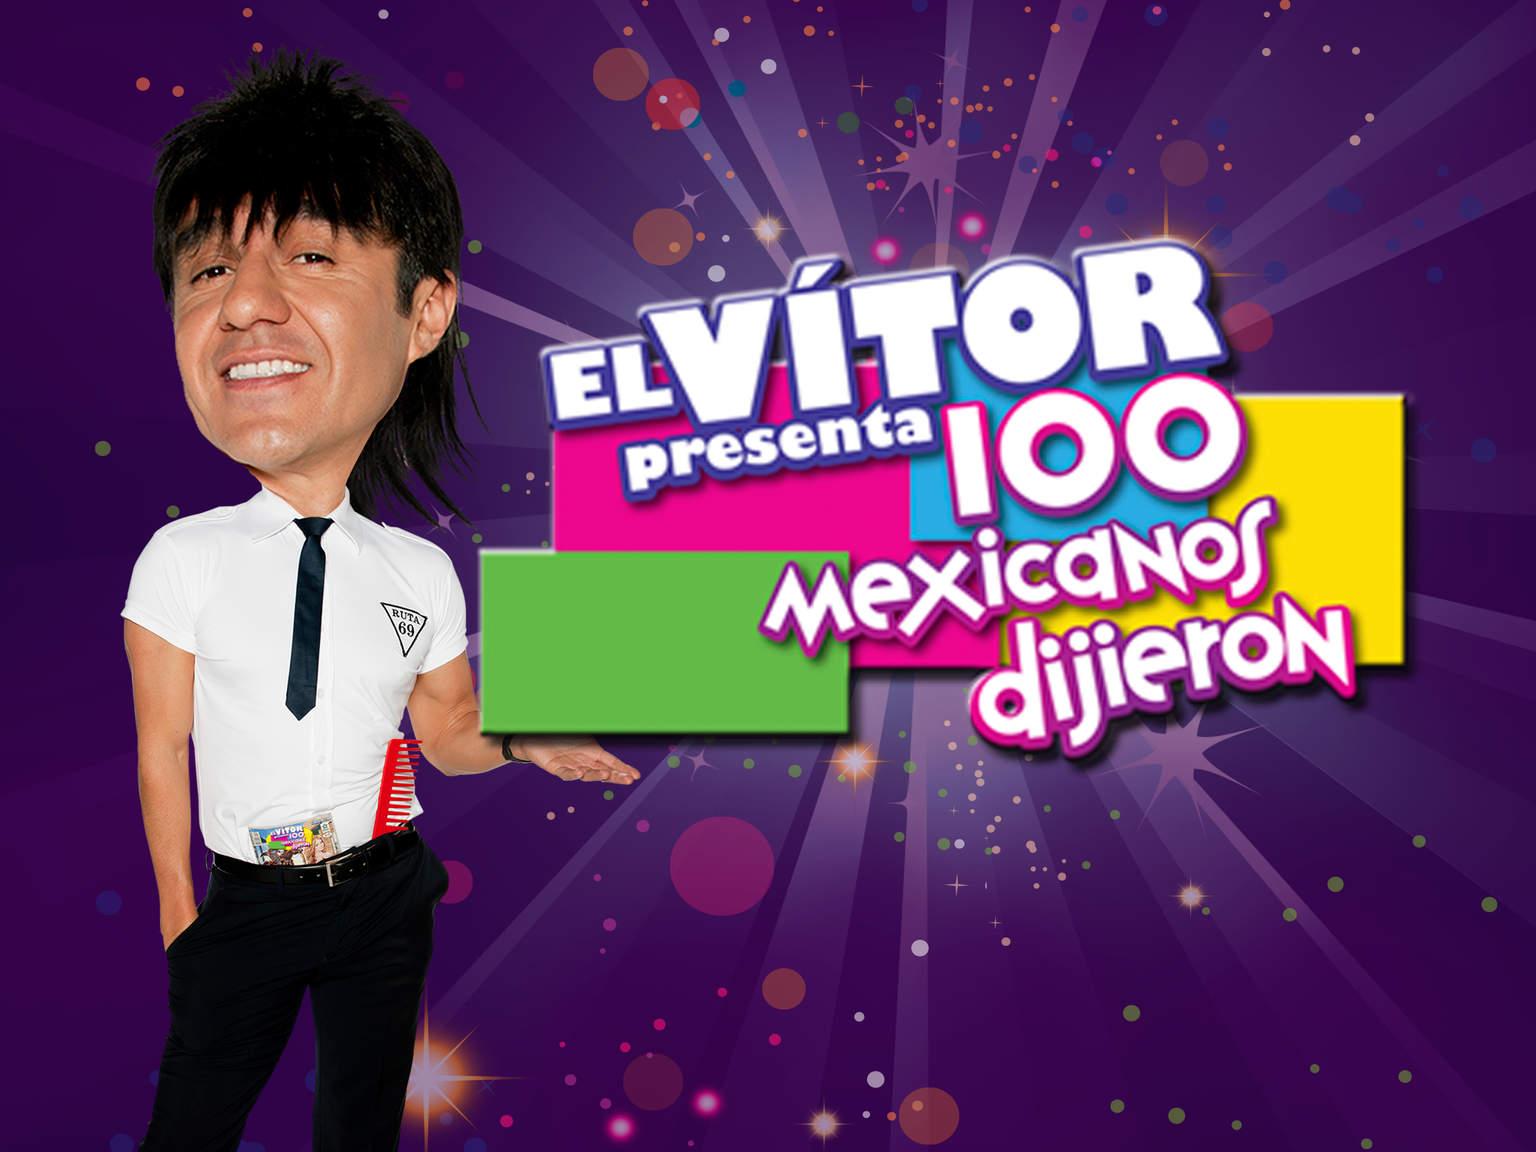 Preguntas 100 Mexicanos 100 Mexicanos Dijieron App